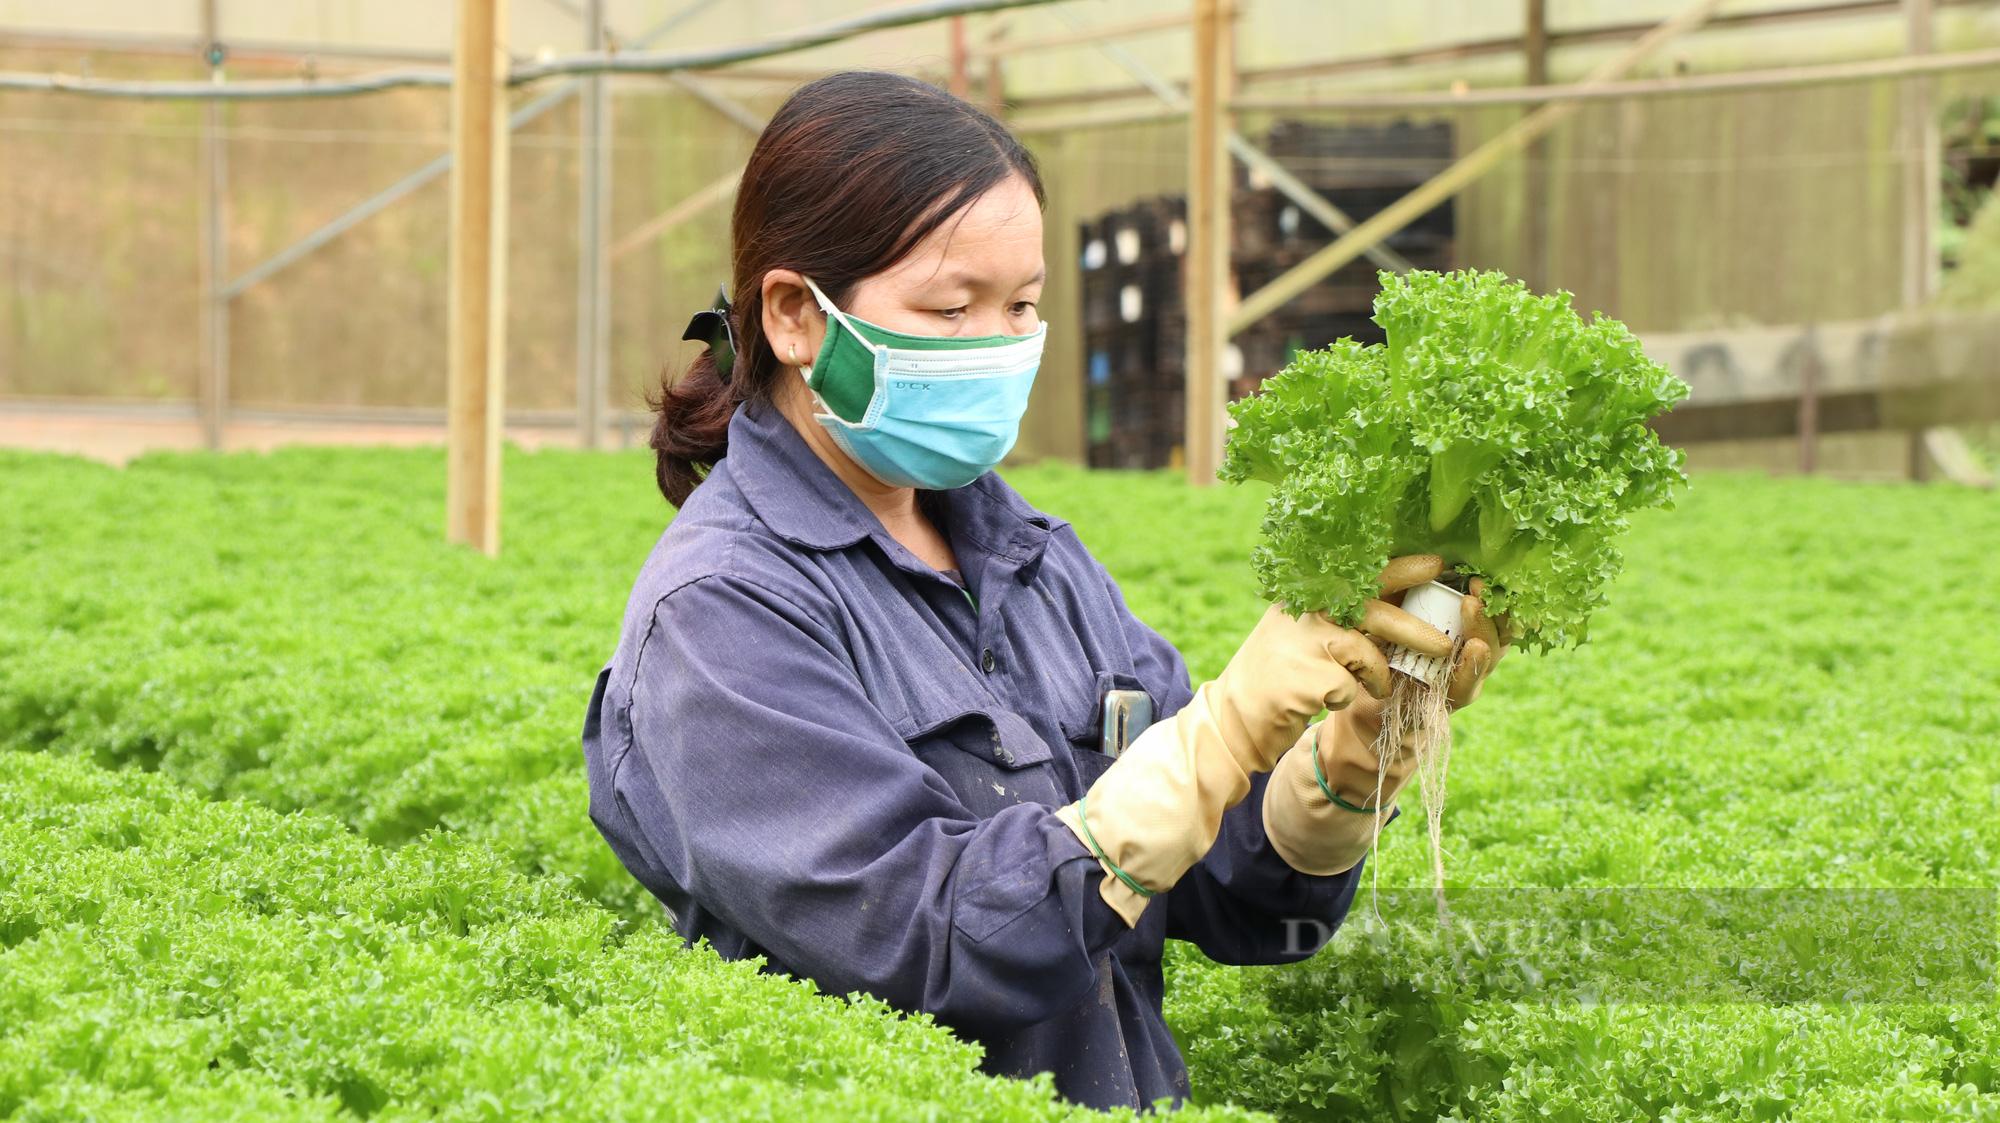 """""""Dũng cao"""" làm nông nghiệp công nghệ cao, xuất khẩu hàng trăm tấn rau xà lách đi Hàn Quốc - Ảnh 4."""